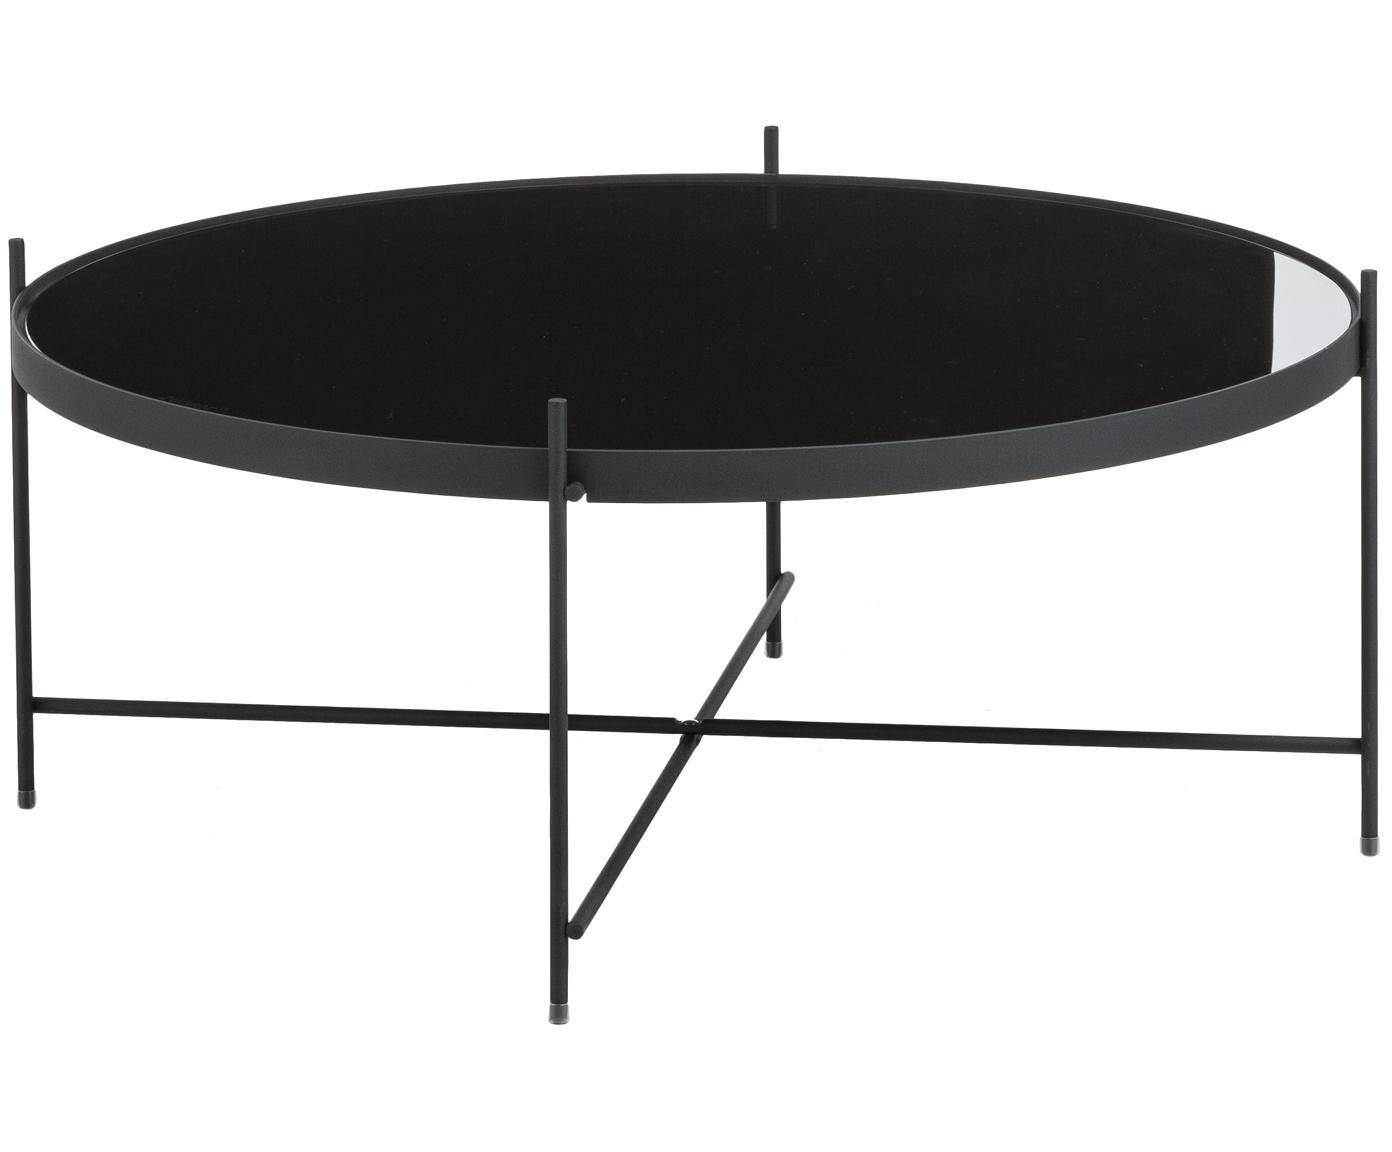 Mesa de centro Cupid, tablero de cristal, Estructura: hierro con pintura en pol, Tablero: vidrio negro, Negro, Ø 83 x Alto 35 cm